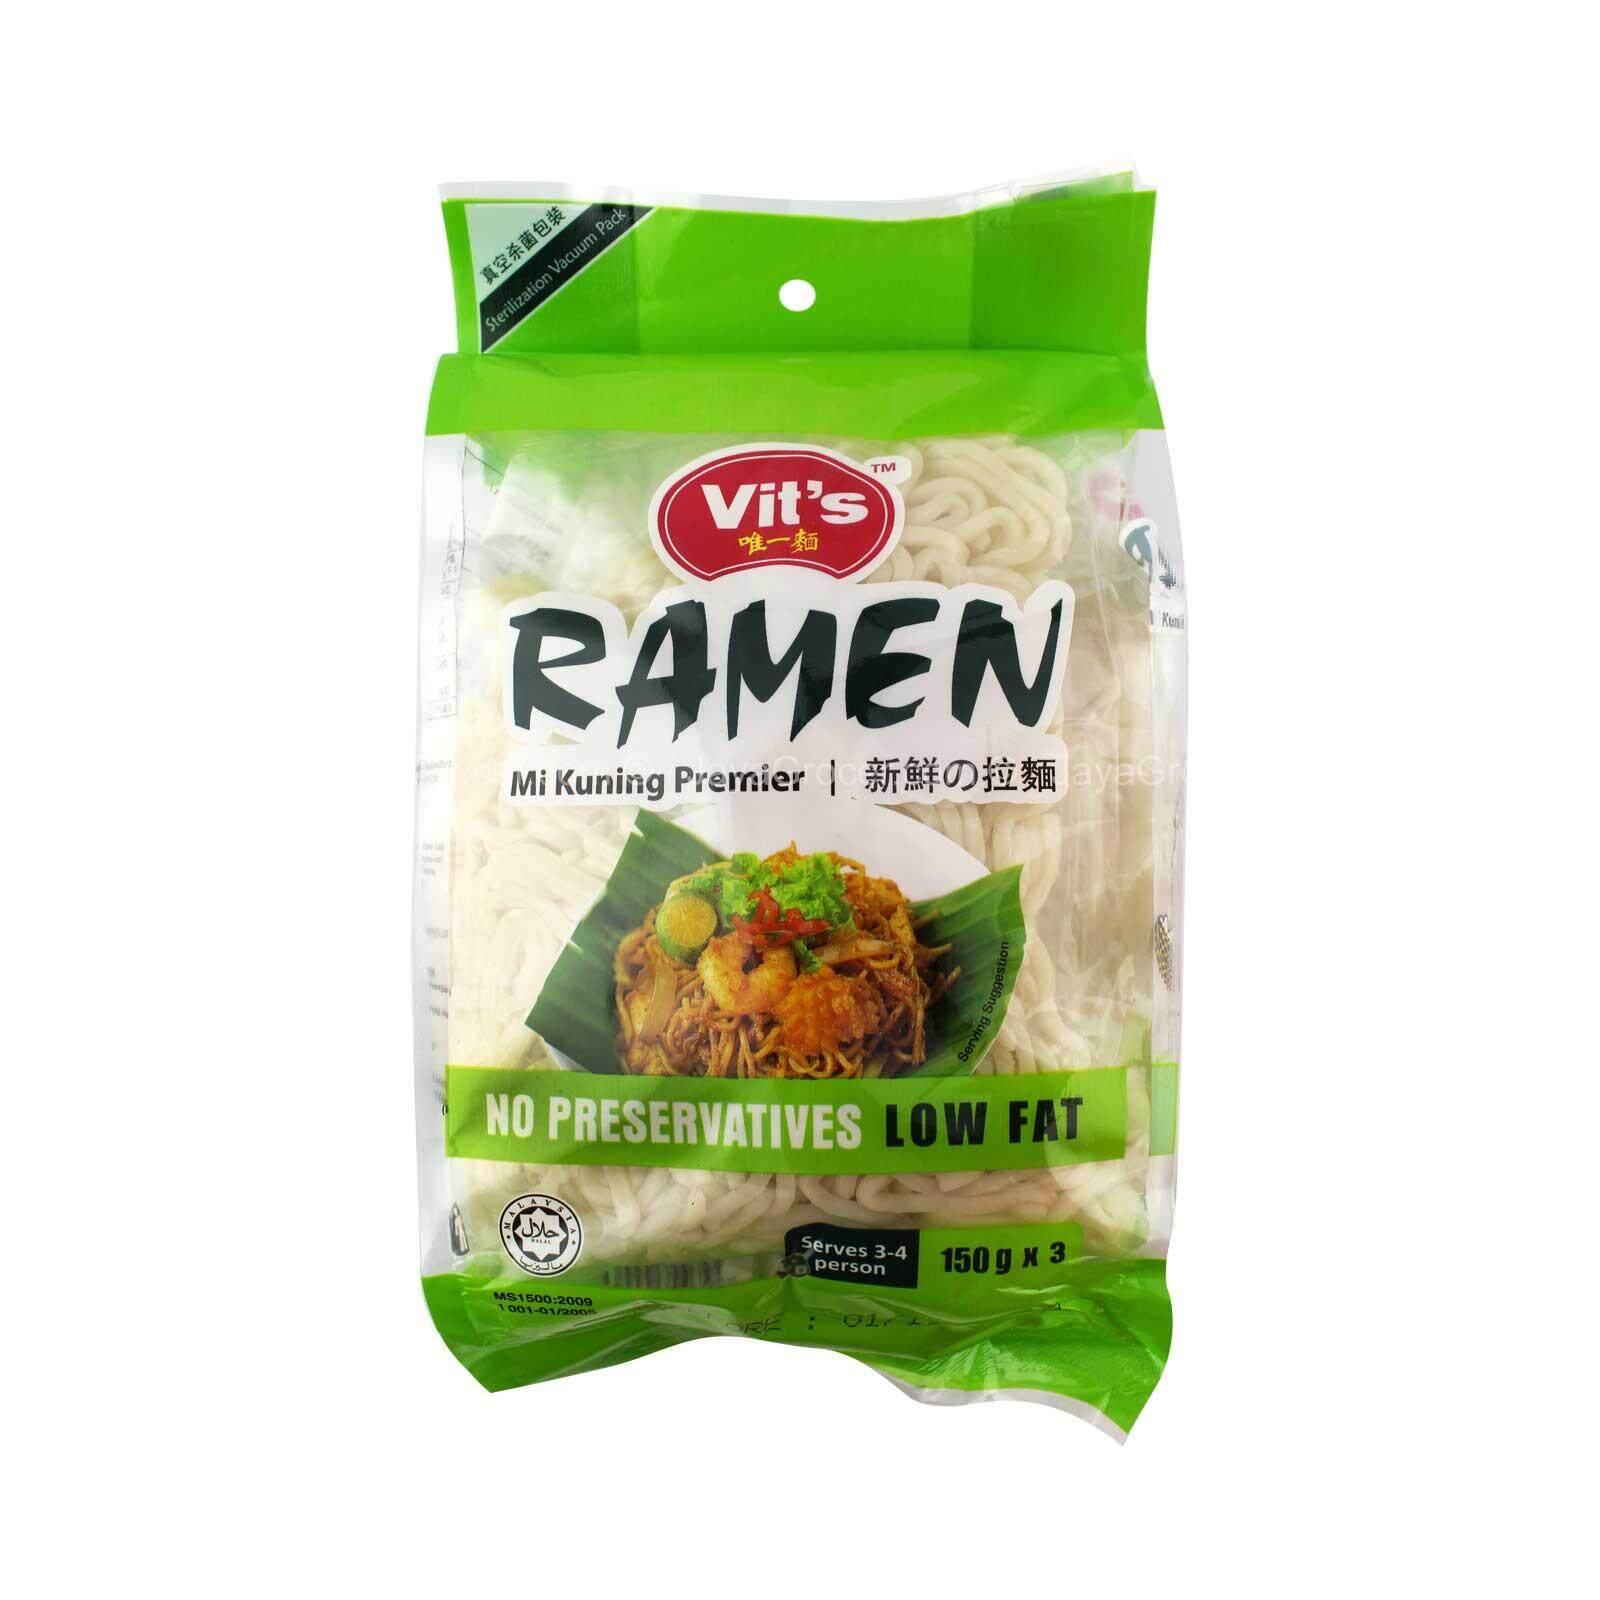 [FSC] Vit's Fresh Ramen Plain Noodle 200gm x 3pck